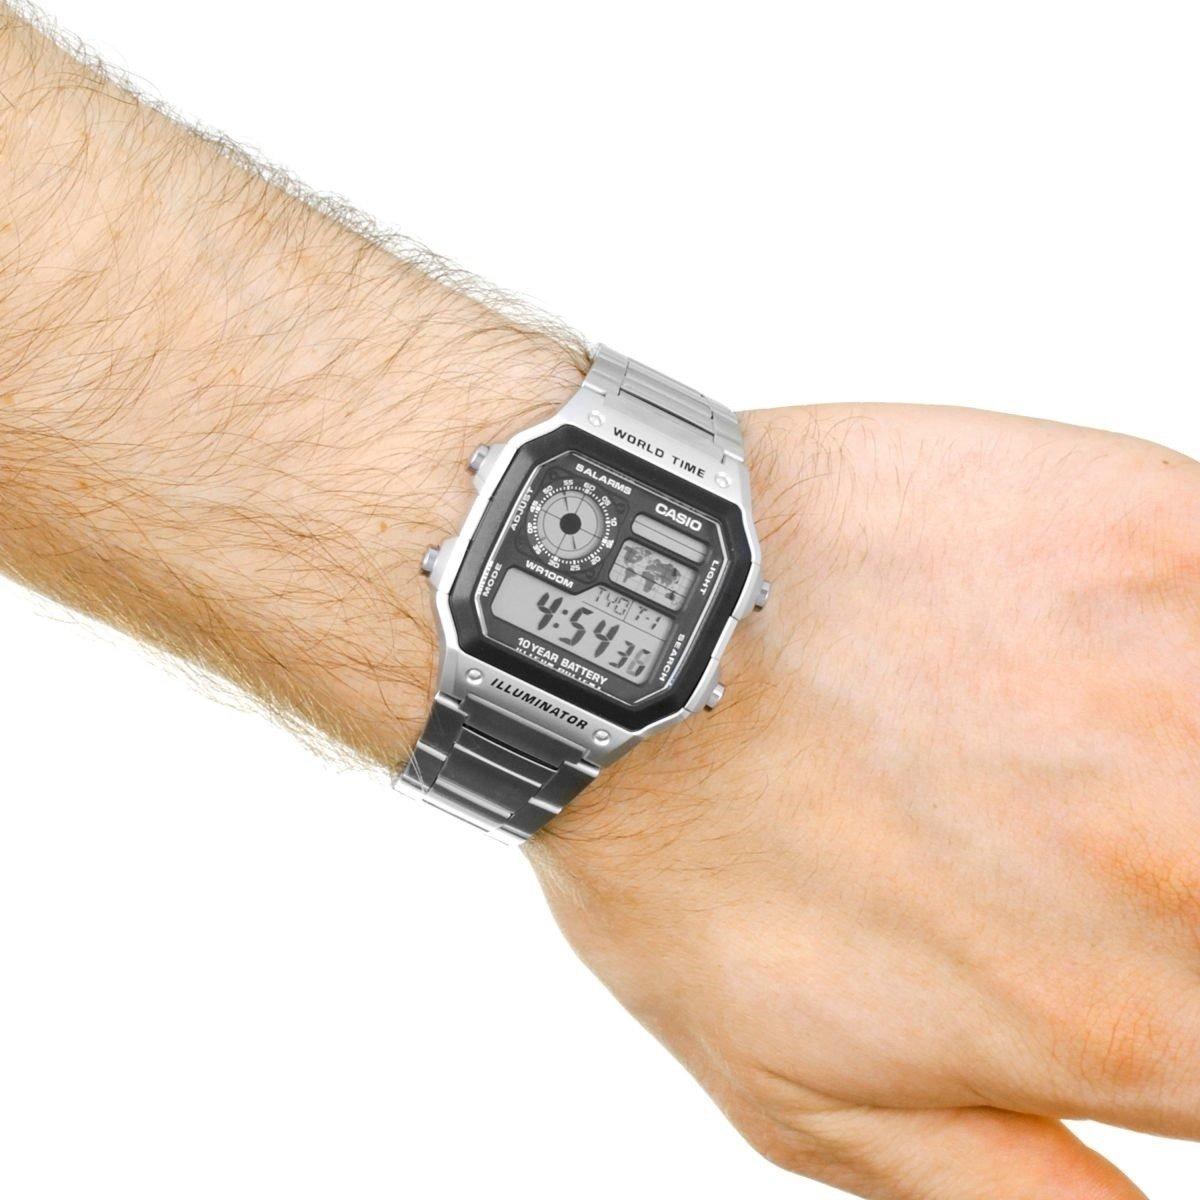 94a271d3b29 relogio casio ae-1200whd aço horario mundial 5 alarmes 100m. Carregando  zoom.